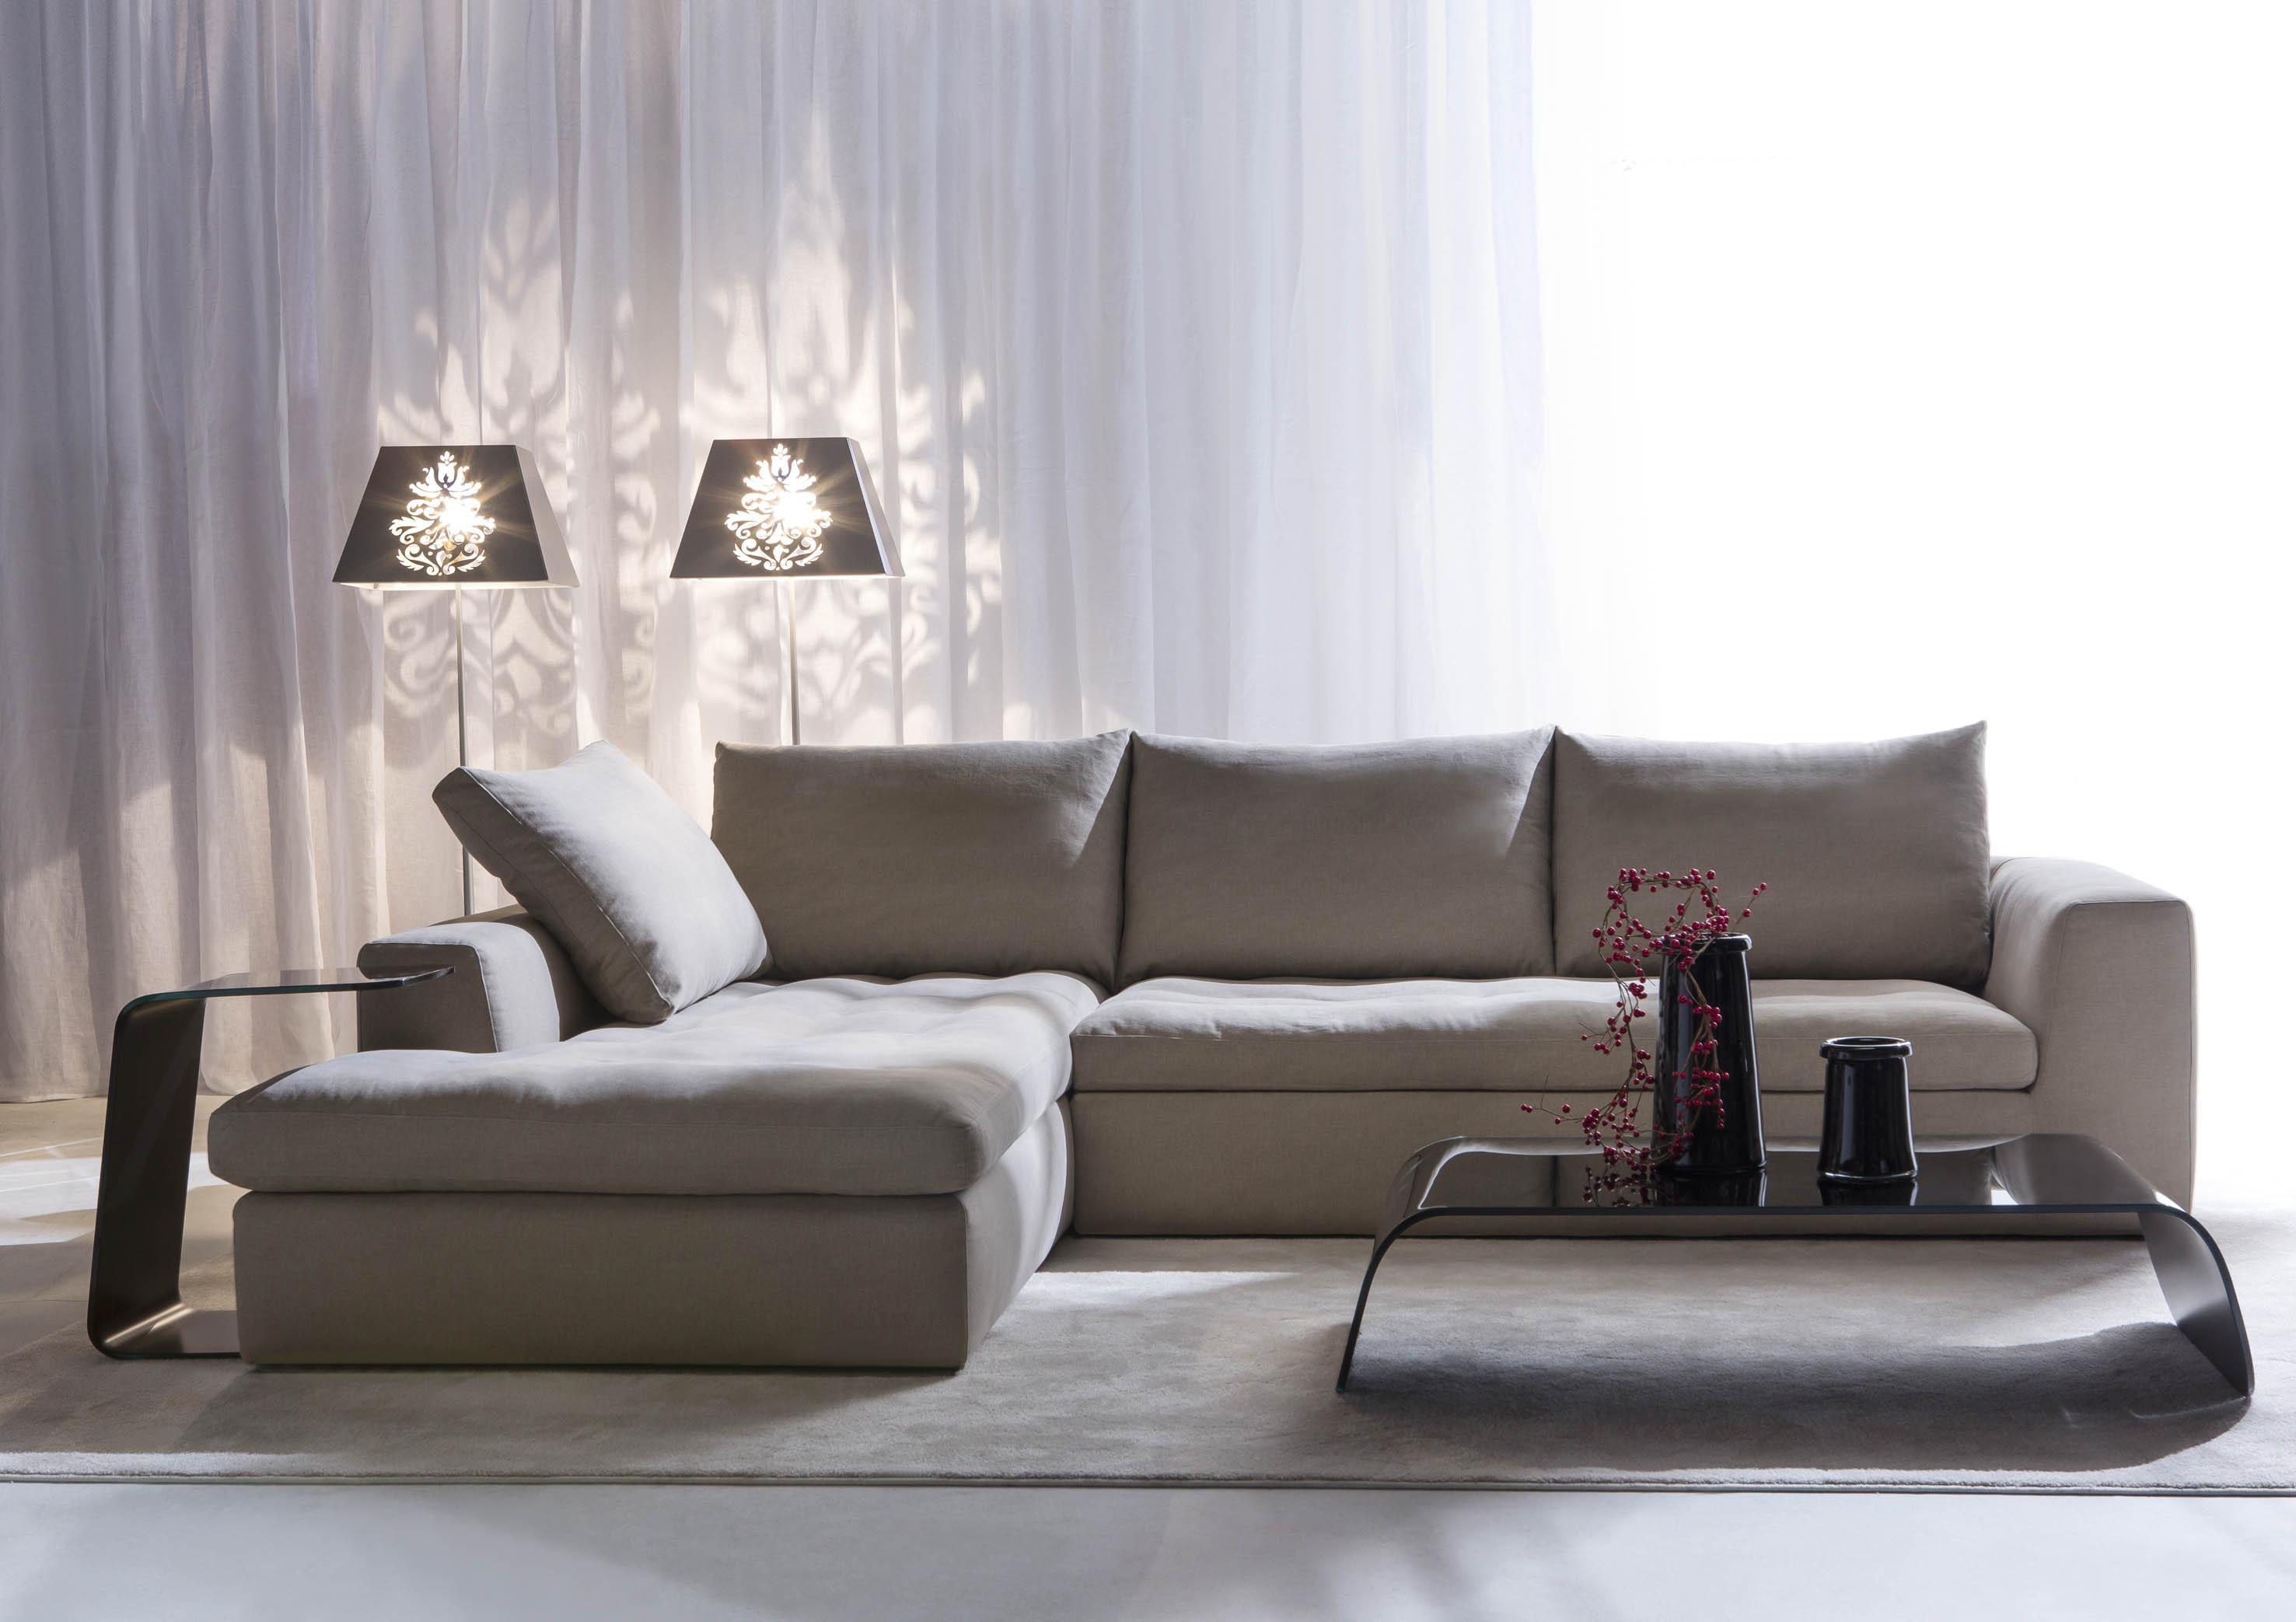 Il restyling del divano componibile casablanca for Divano componibile